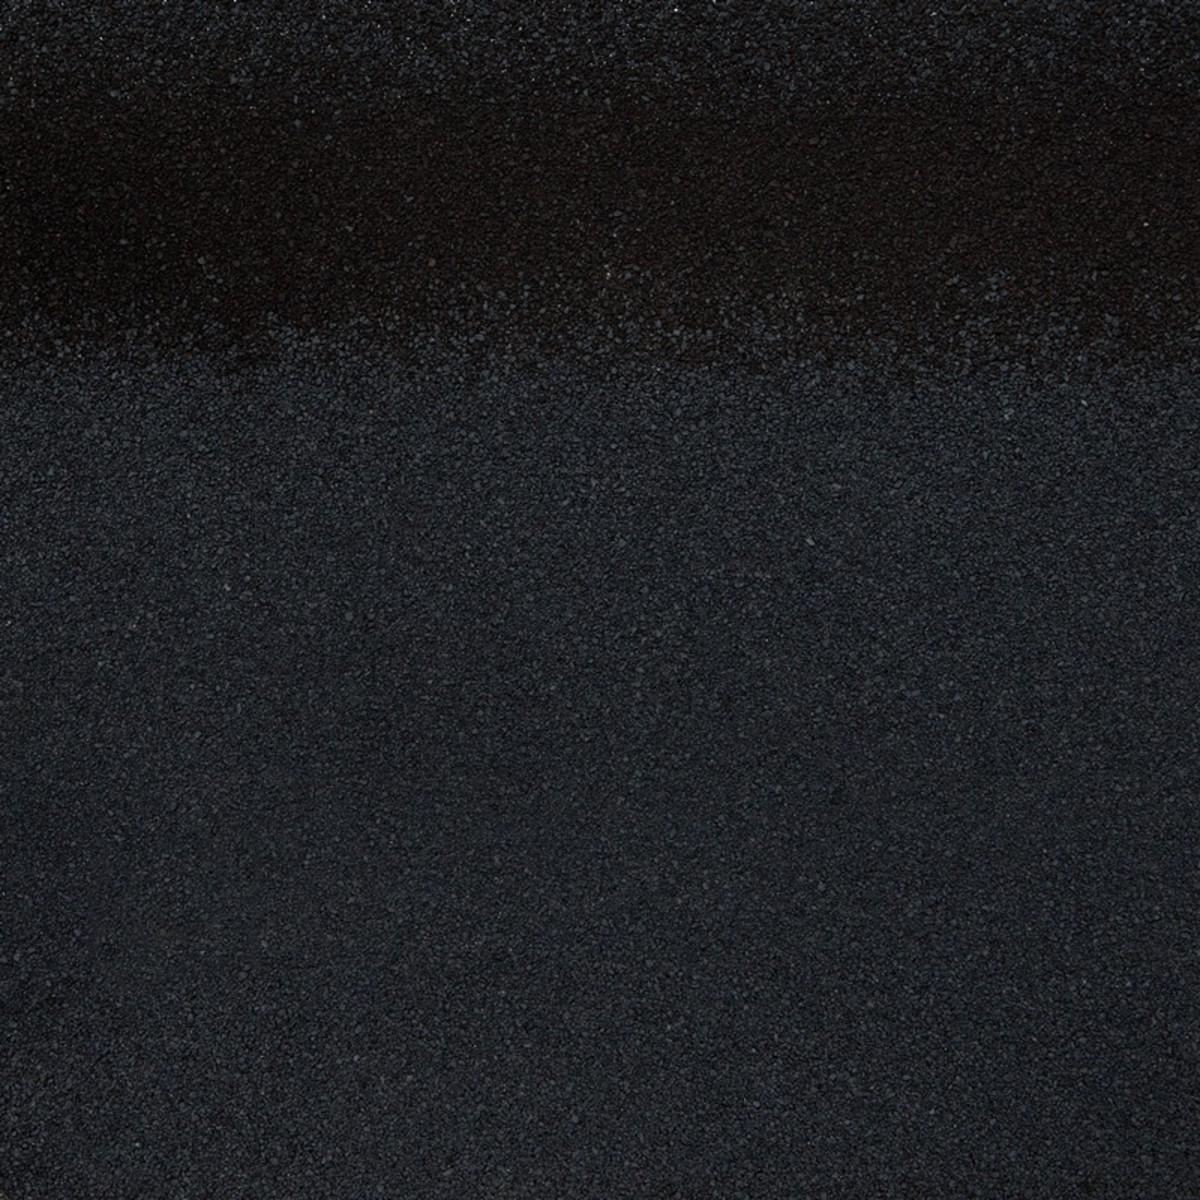 Черепица коньково-карнизная Roofshield цвет черный